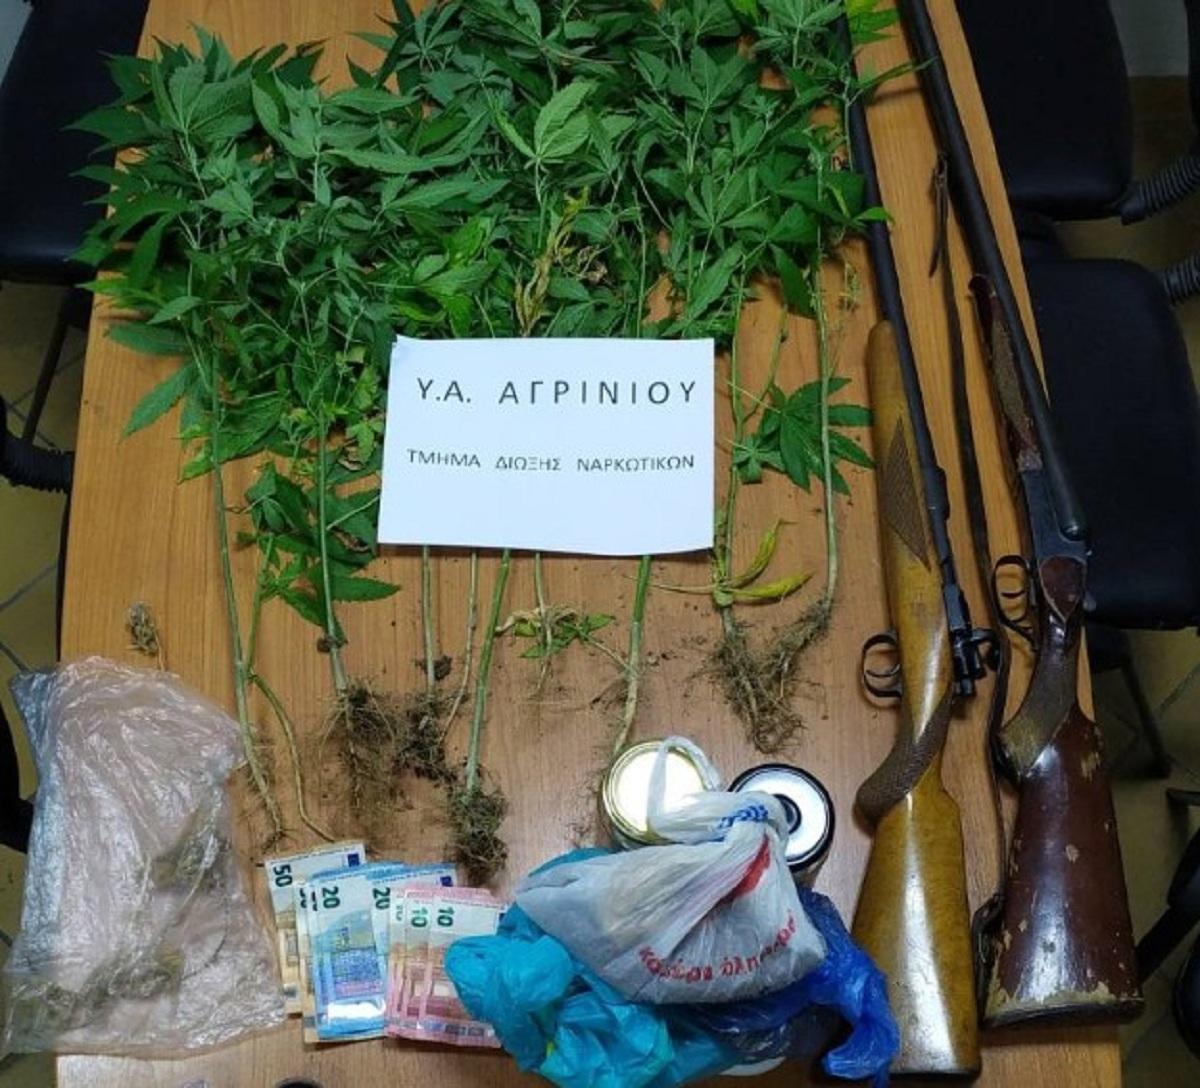 Δενδρύλλια χασίς και καραμπίνες σε σπίτι σε χωριό κοντά στο Αγρίνιο- Mία σύλληψη